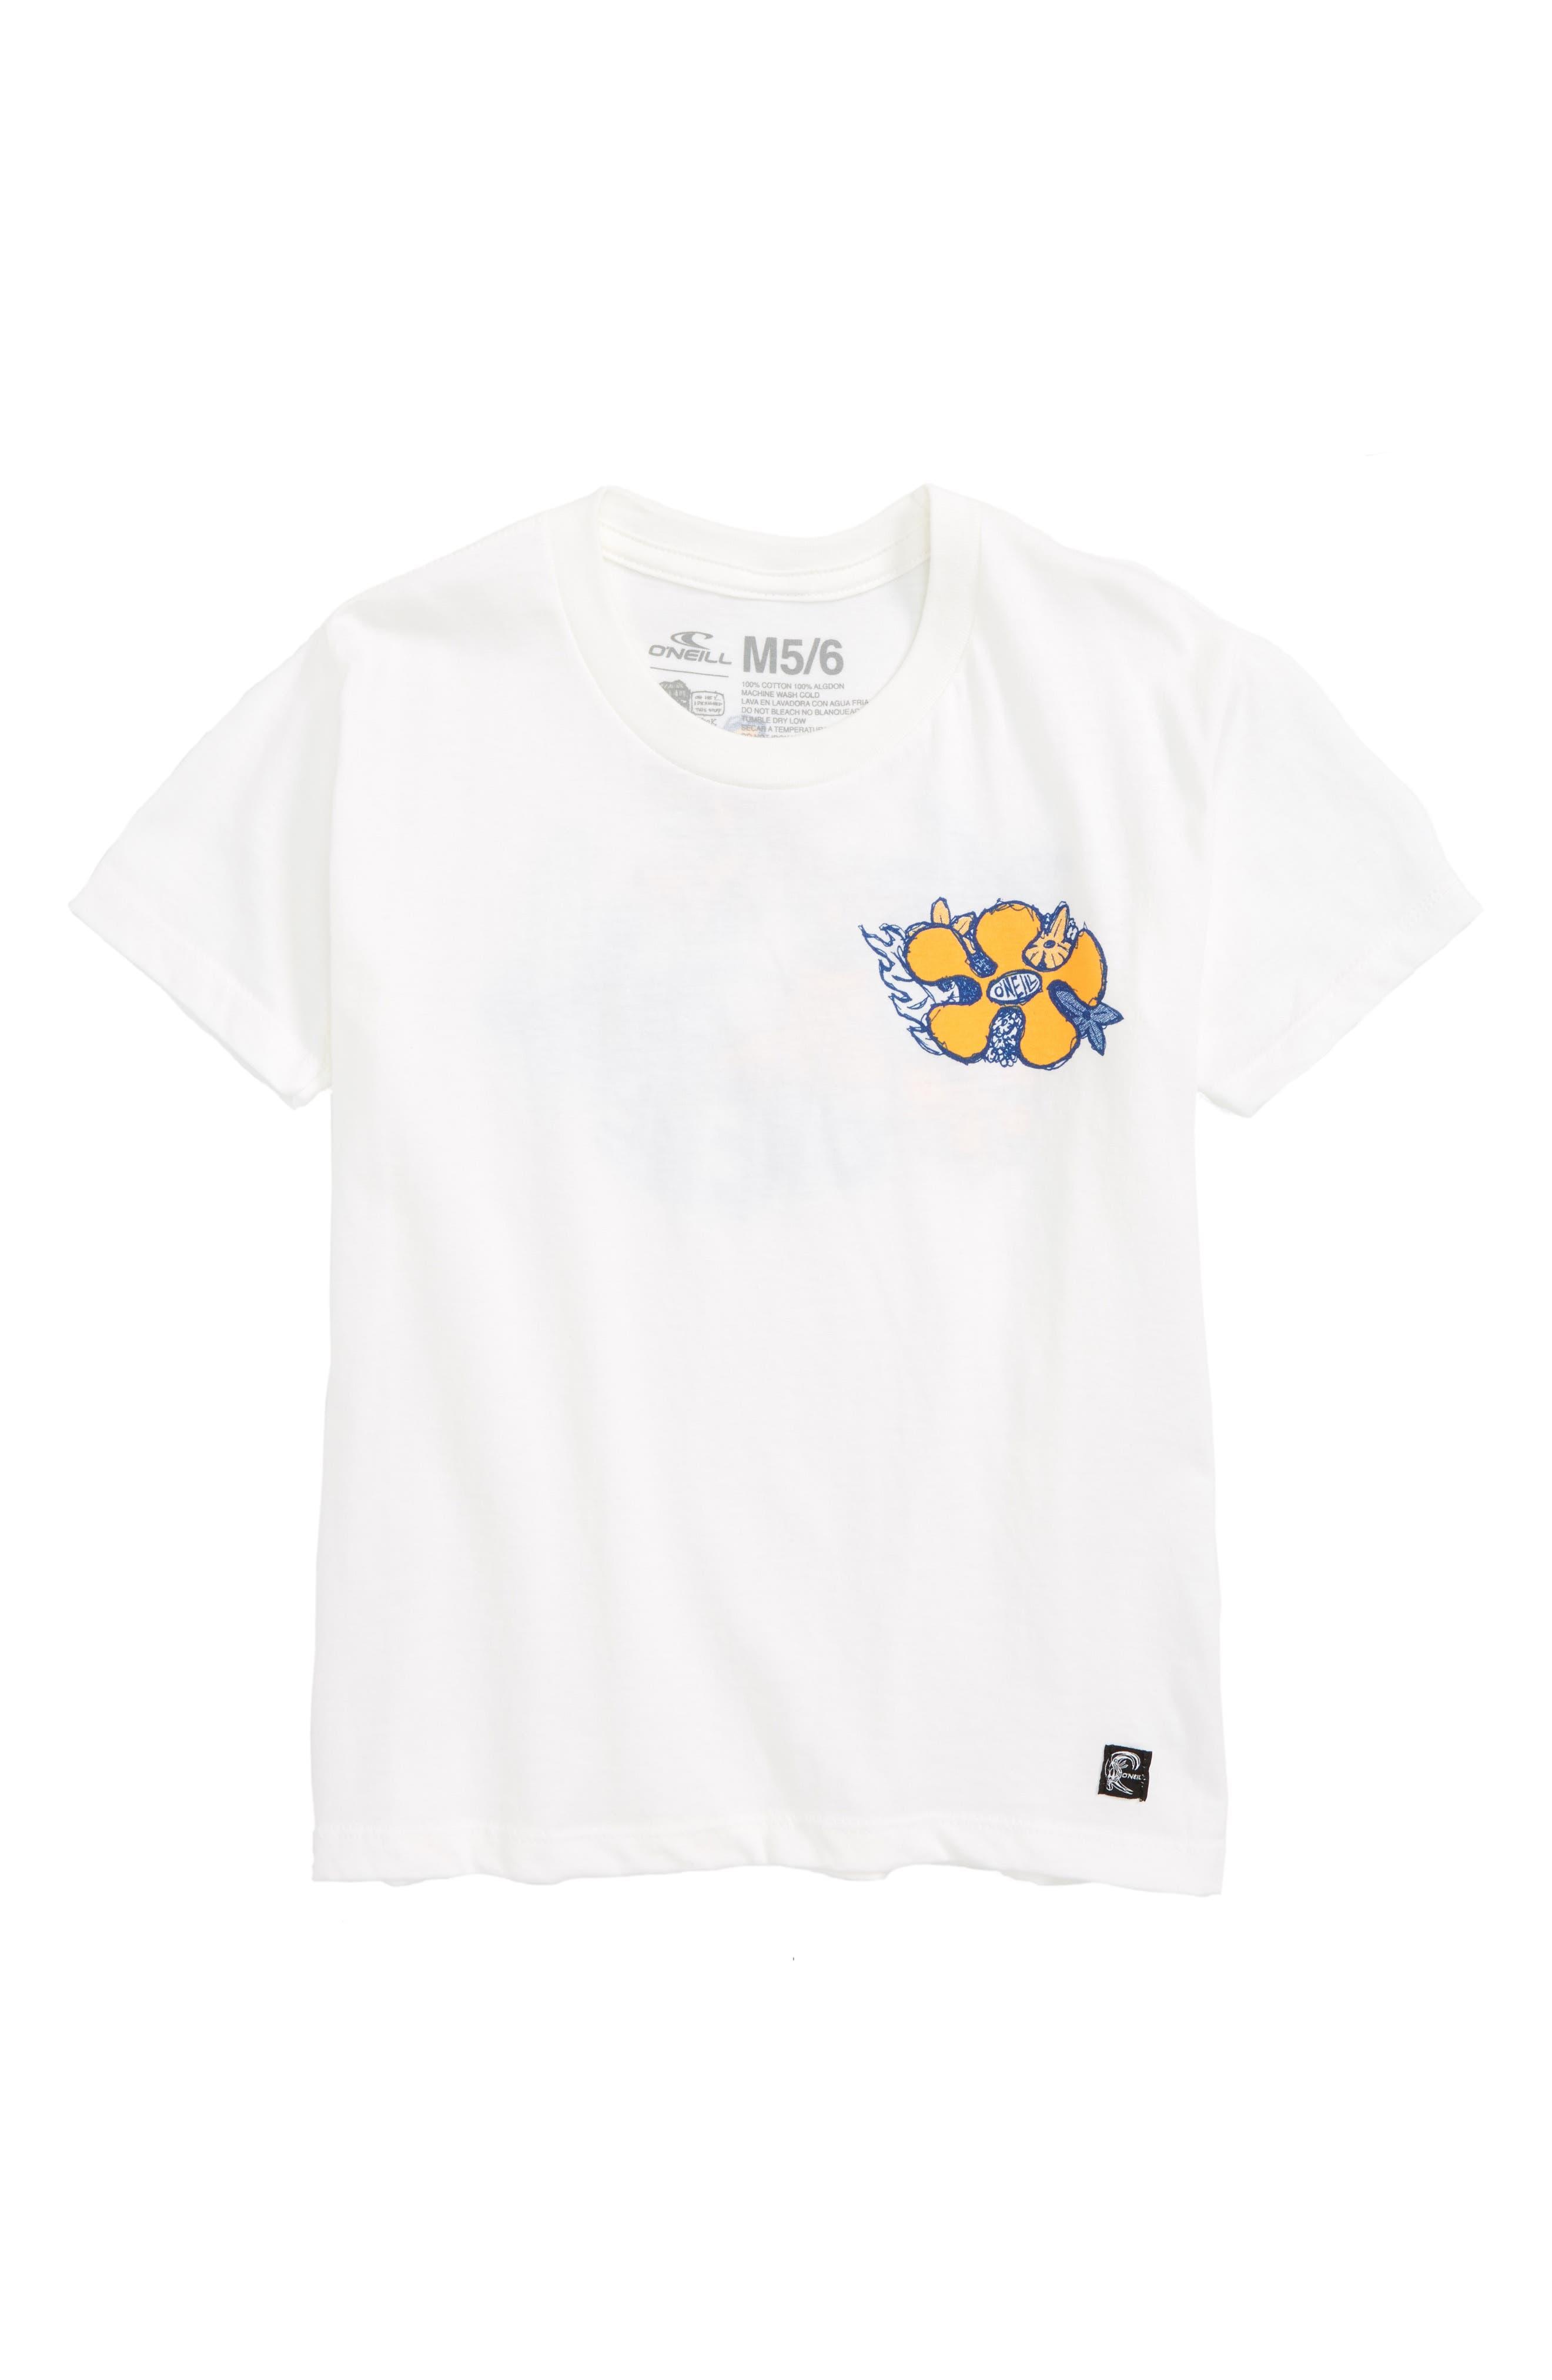 Simich T-Shirt,                             Main thumbnail 1, color,                             100